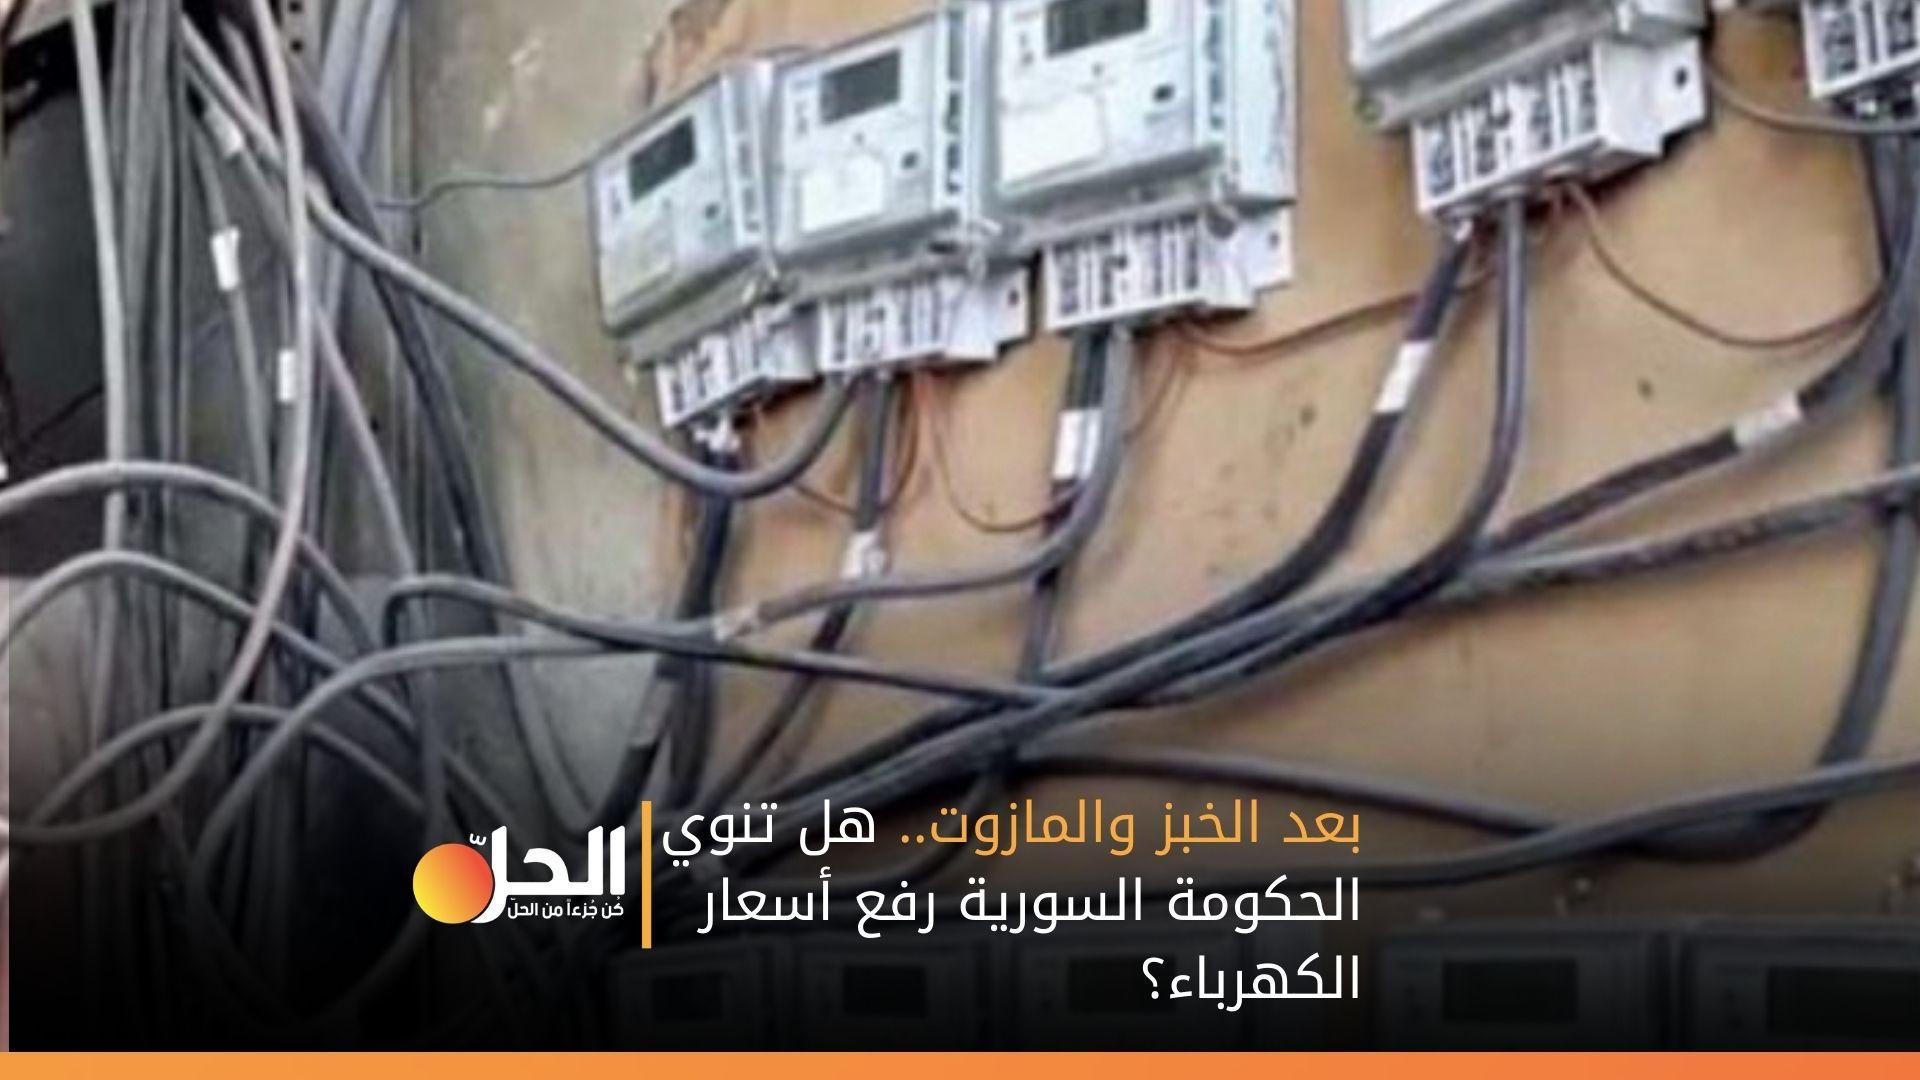 بعد البطاقة الذكية.. عداد الكهرباء الذكي بانتظار السوريين!